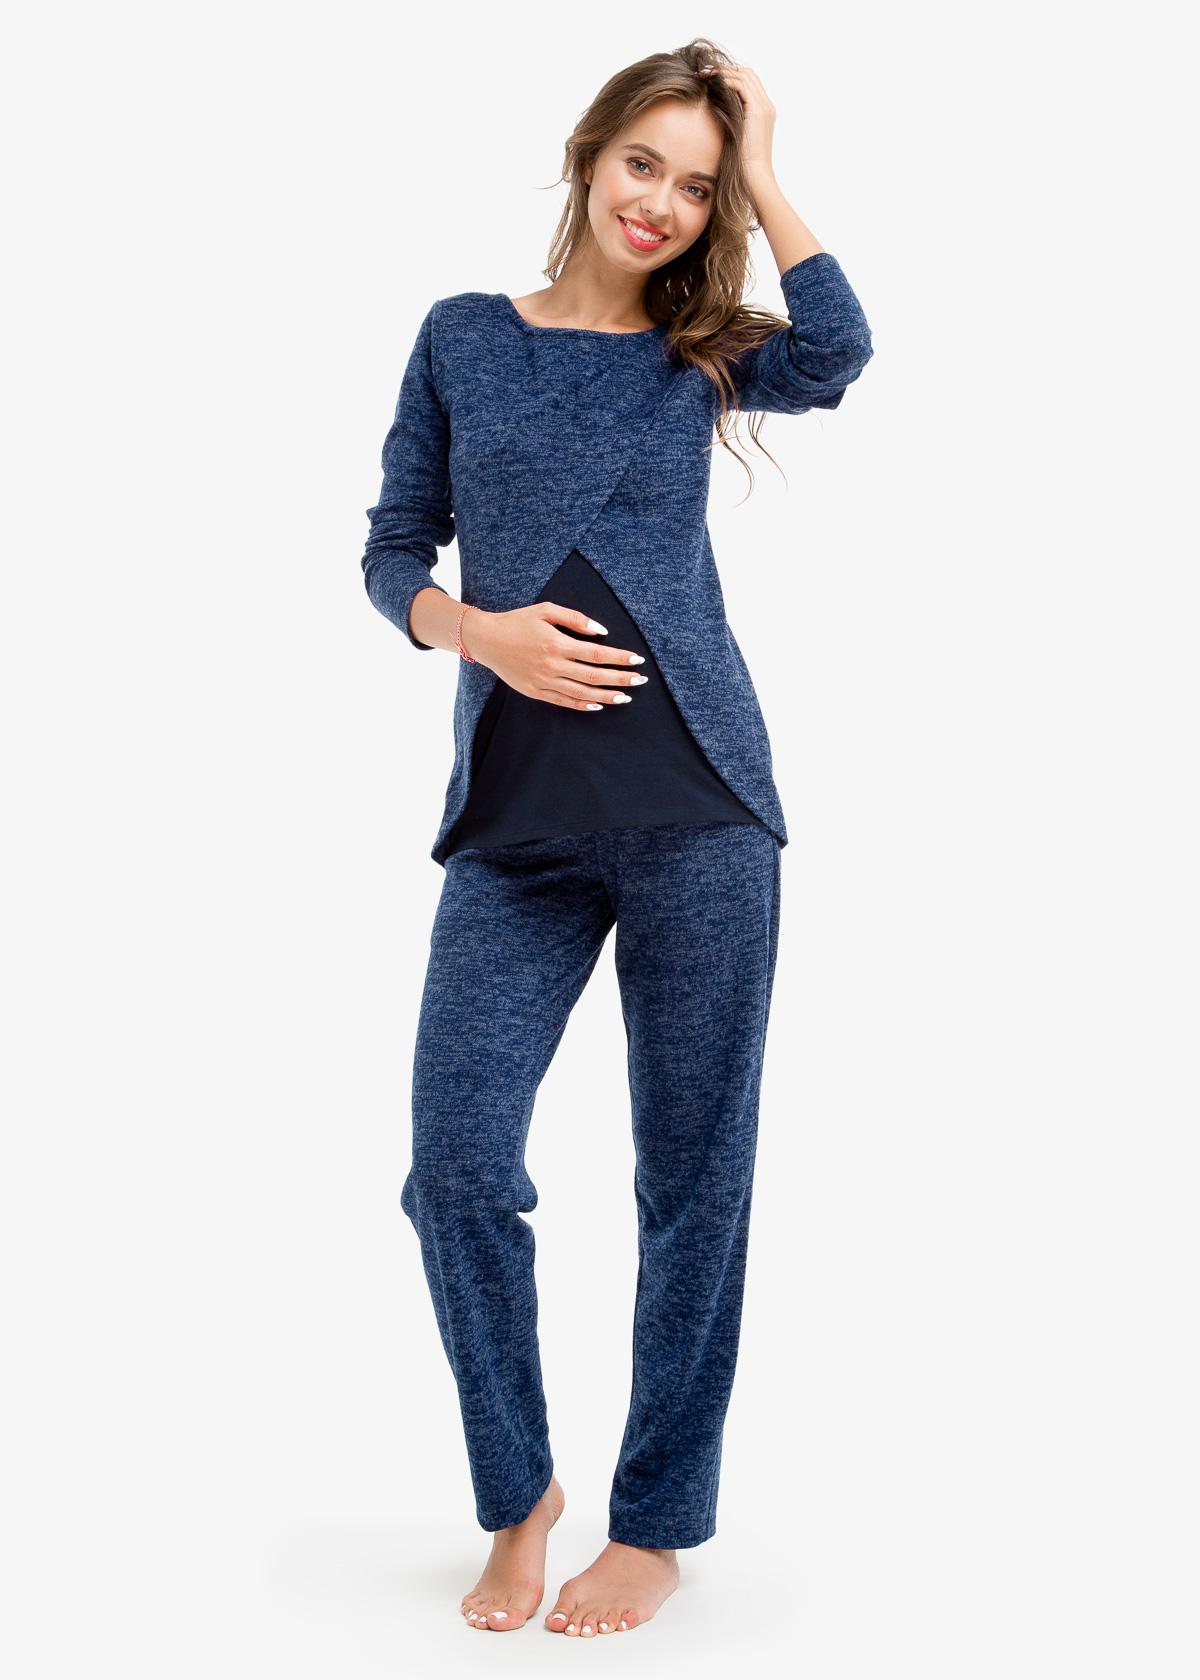 Фото: практичная одежда для будущих мам, Спортивный Костюм для беременных TOPAZZIO (ангора)